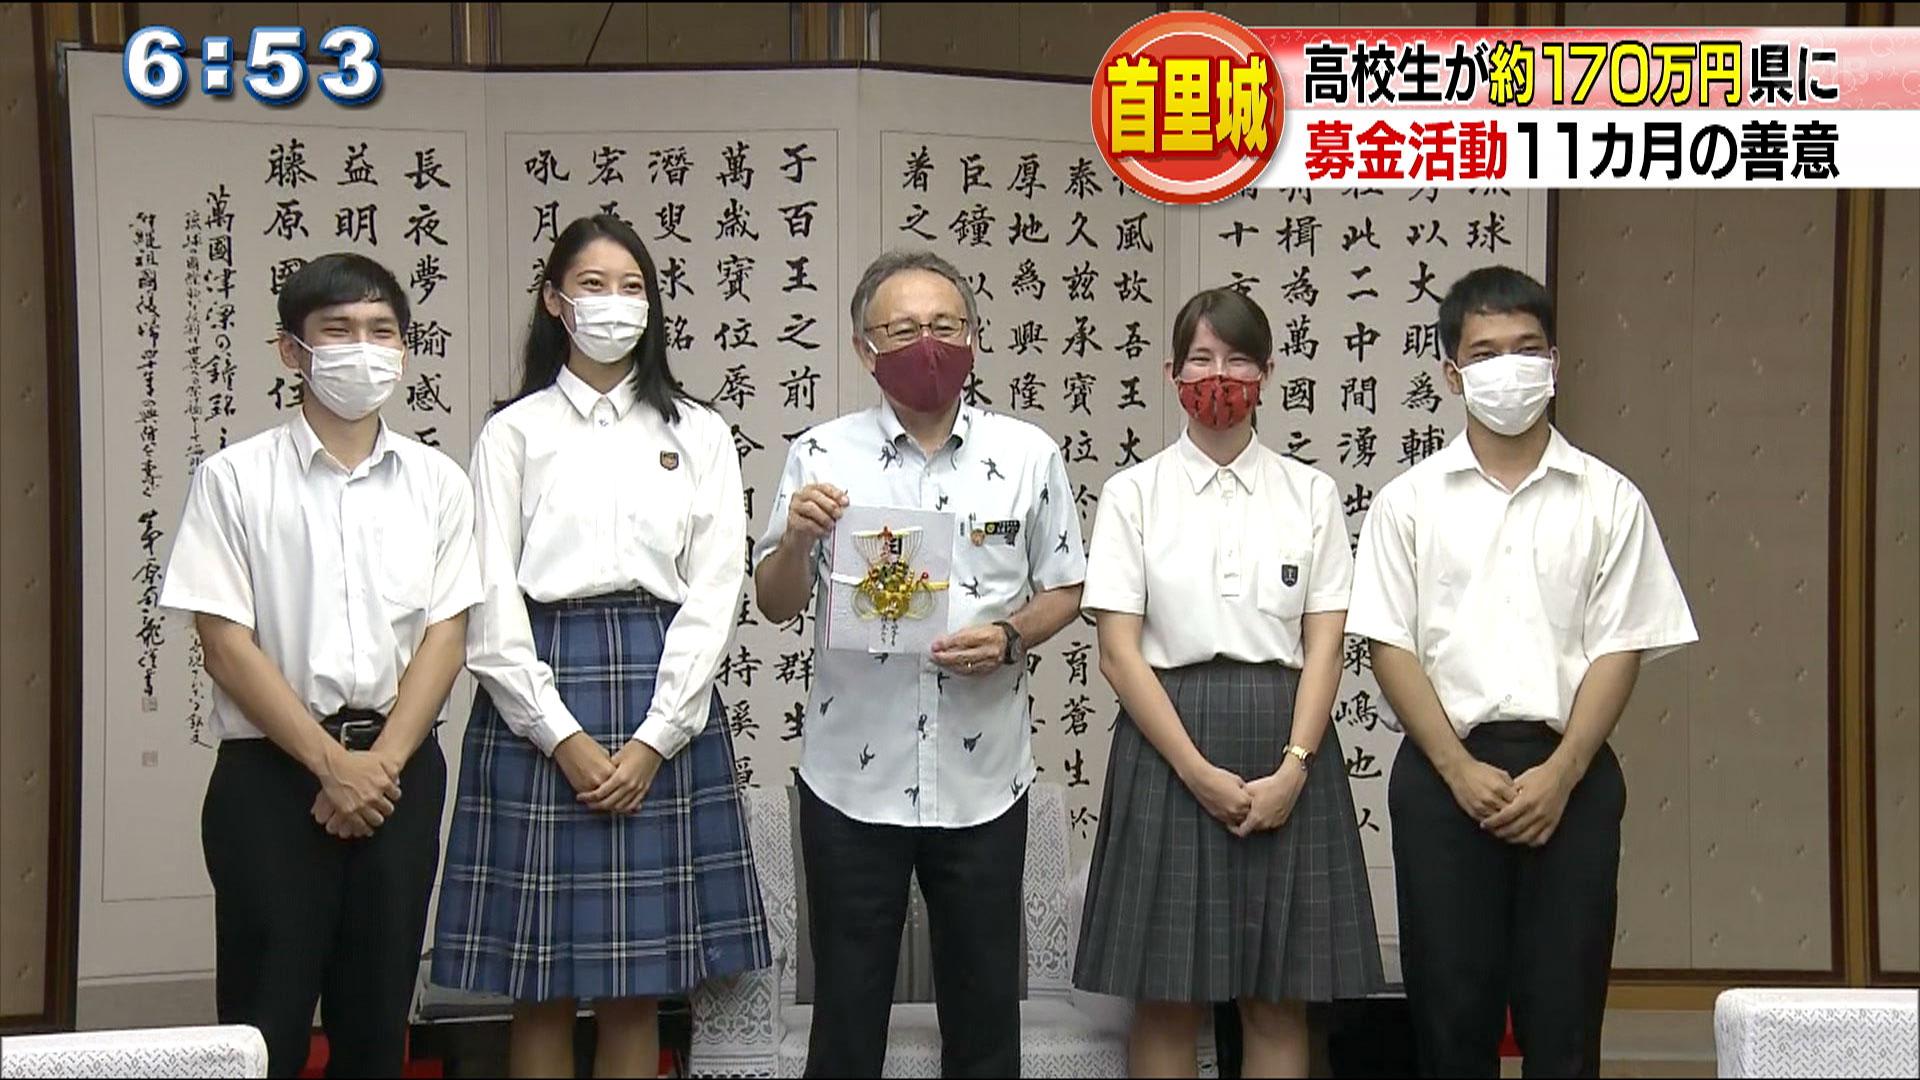 高校生らが首里城再建のため募金贈呈